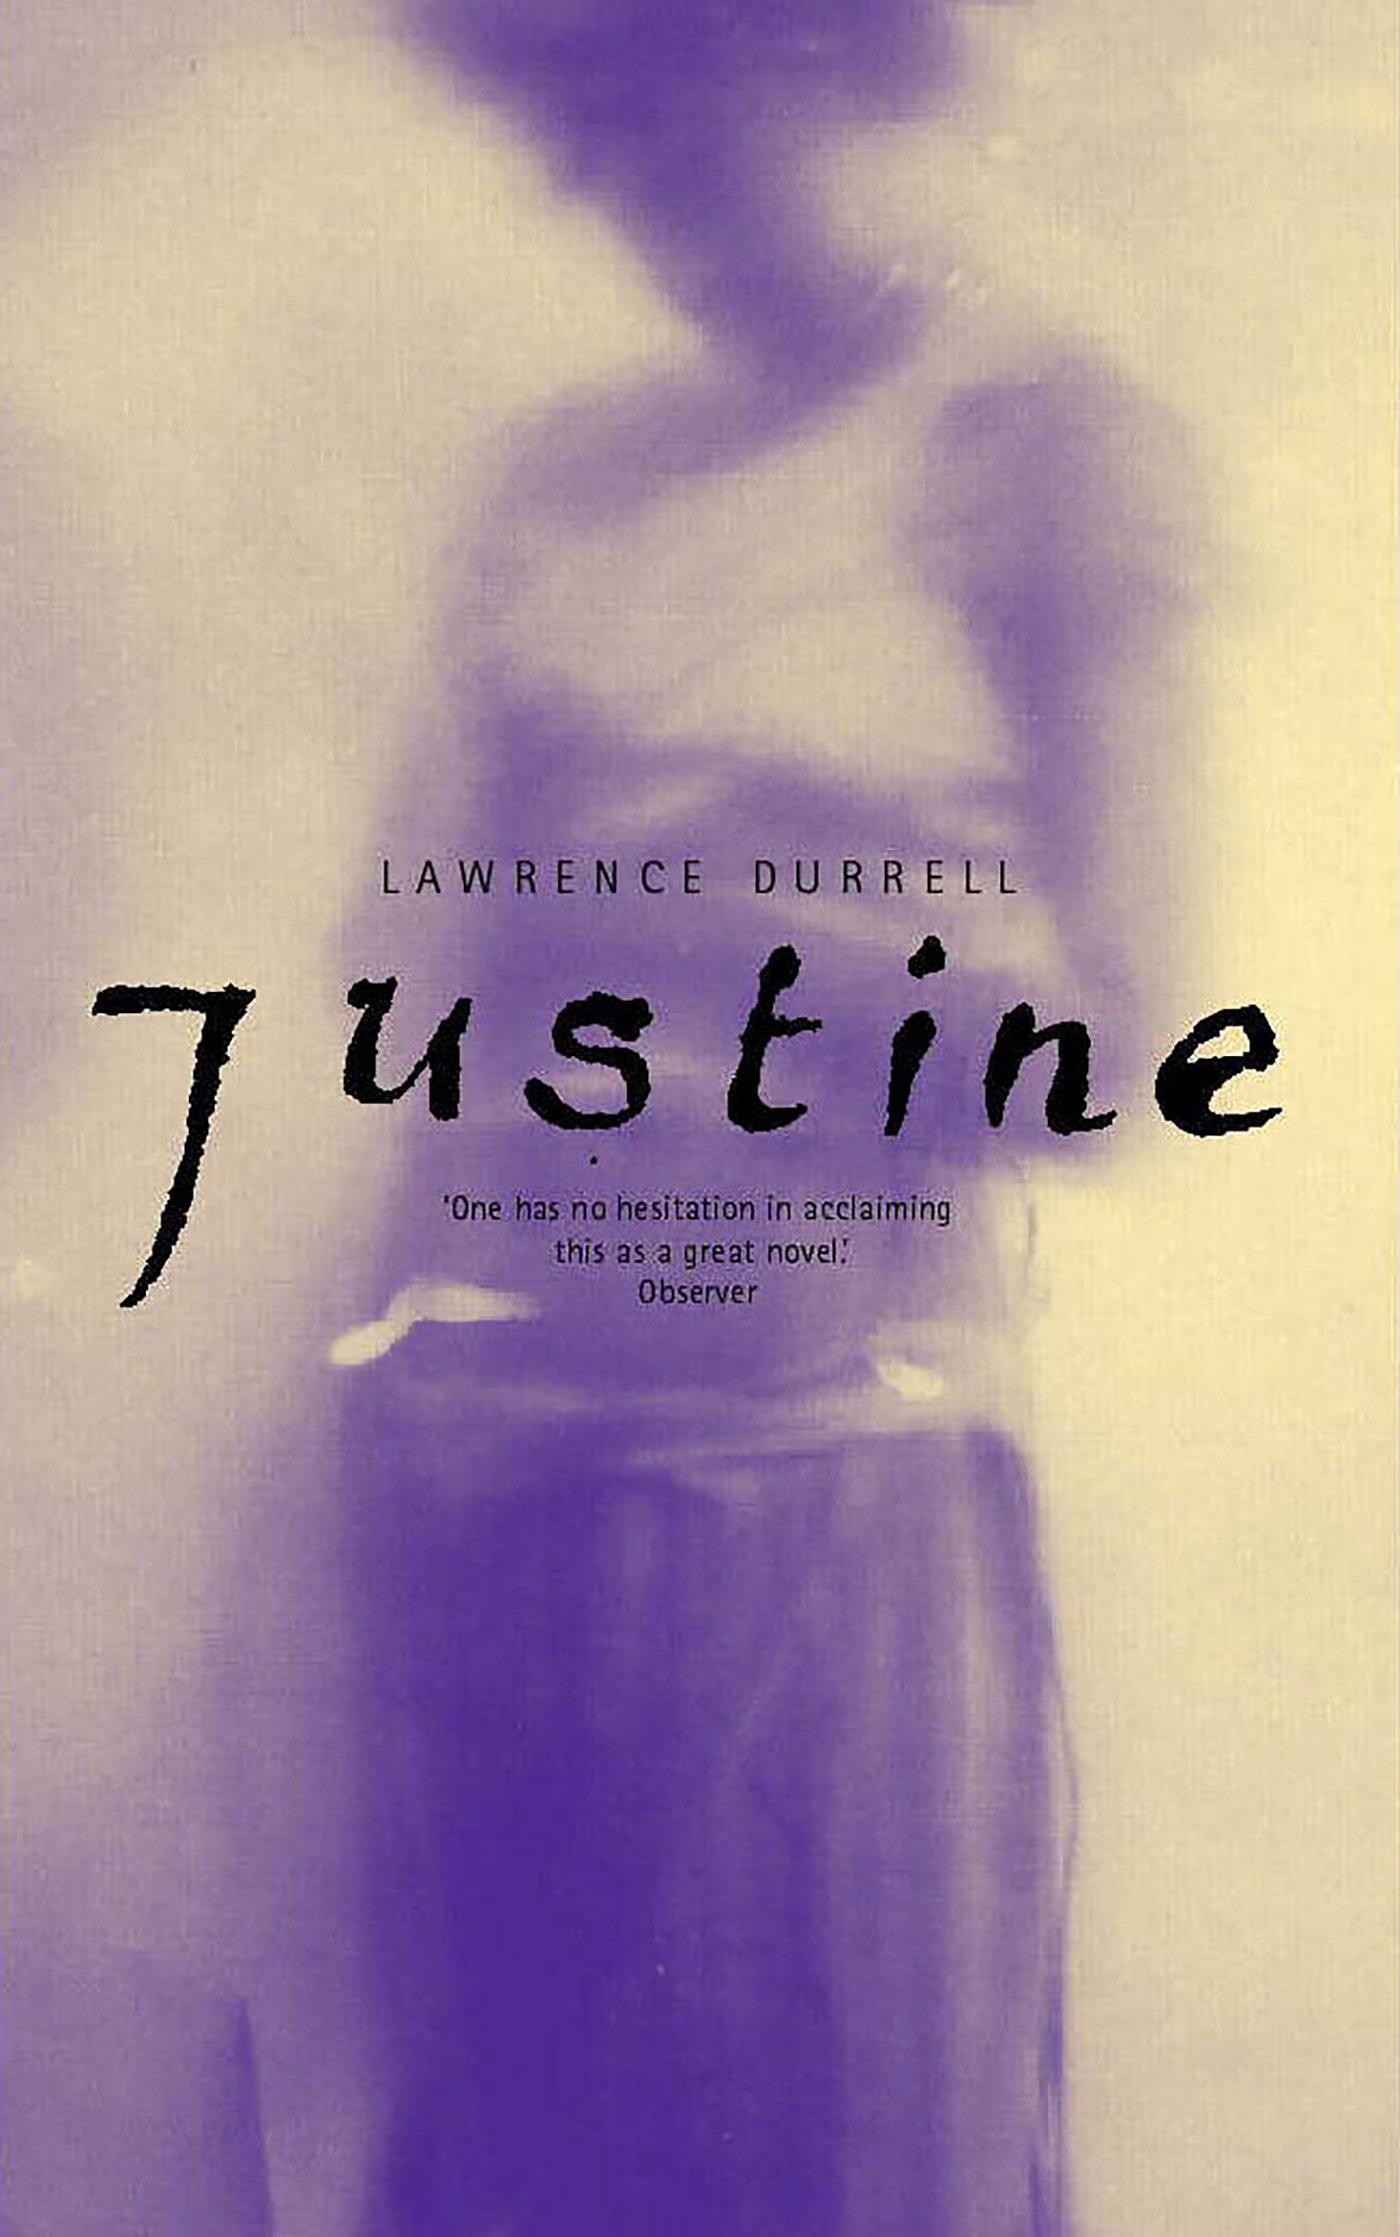 Download Justine (Faber Fiction Classics) PDF Text fb2 ebook